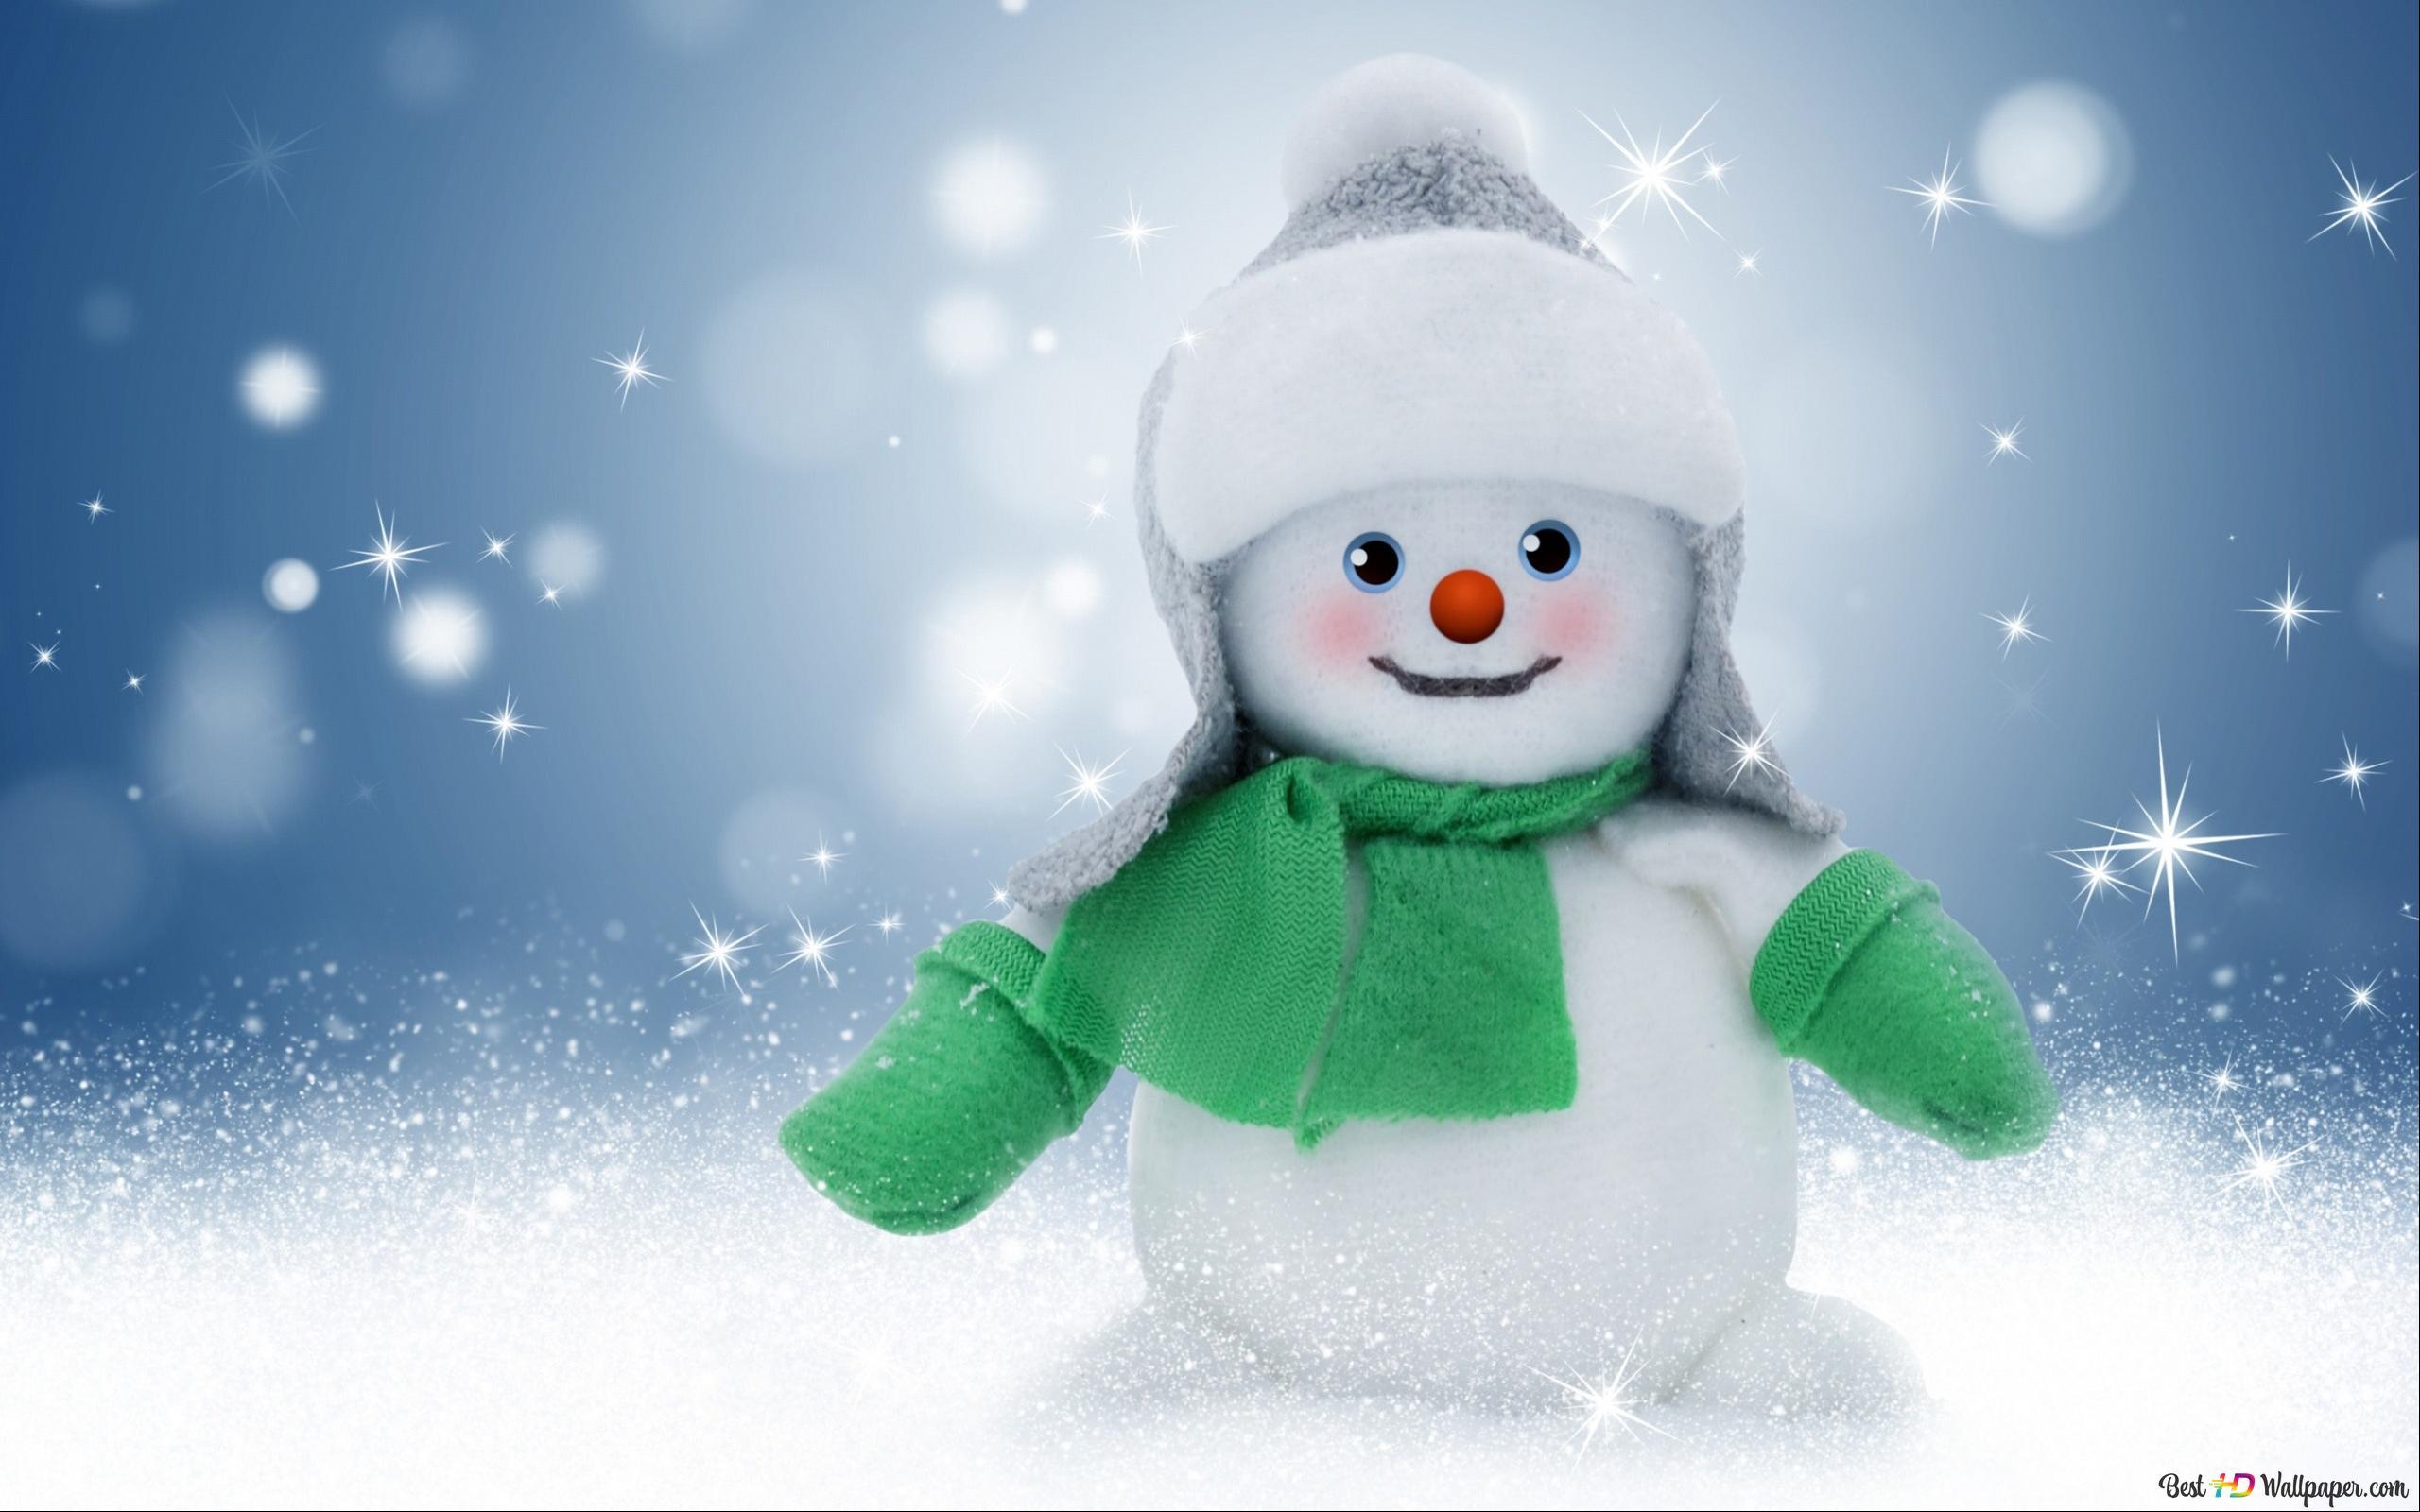 クリスマス雪だるま Hd壁紙のダウンロード